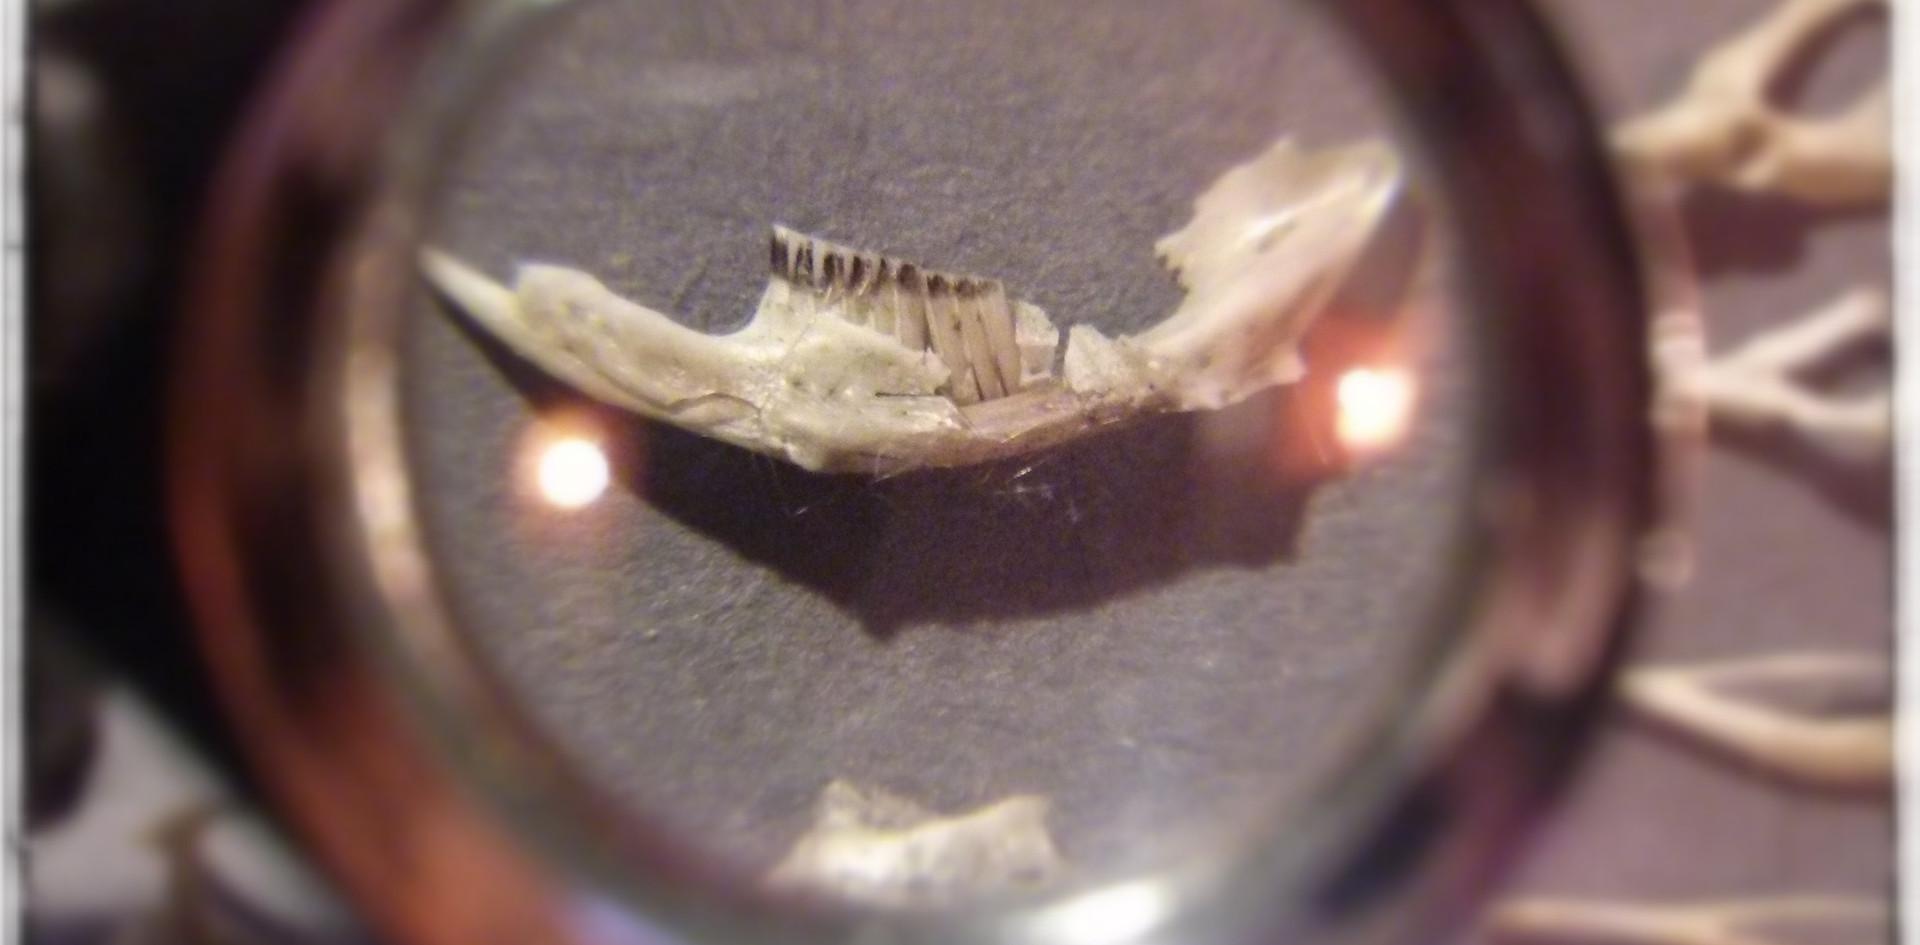 Der Inhalt von Gewöllen ist oft sehr aufschlußreich. Oft gibt es interessante Einblicke in die Welt der kleinen Nager.